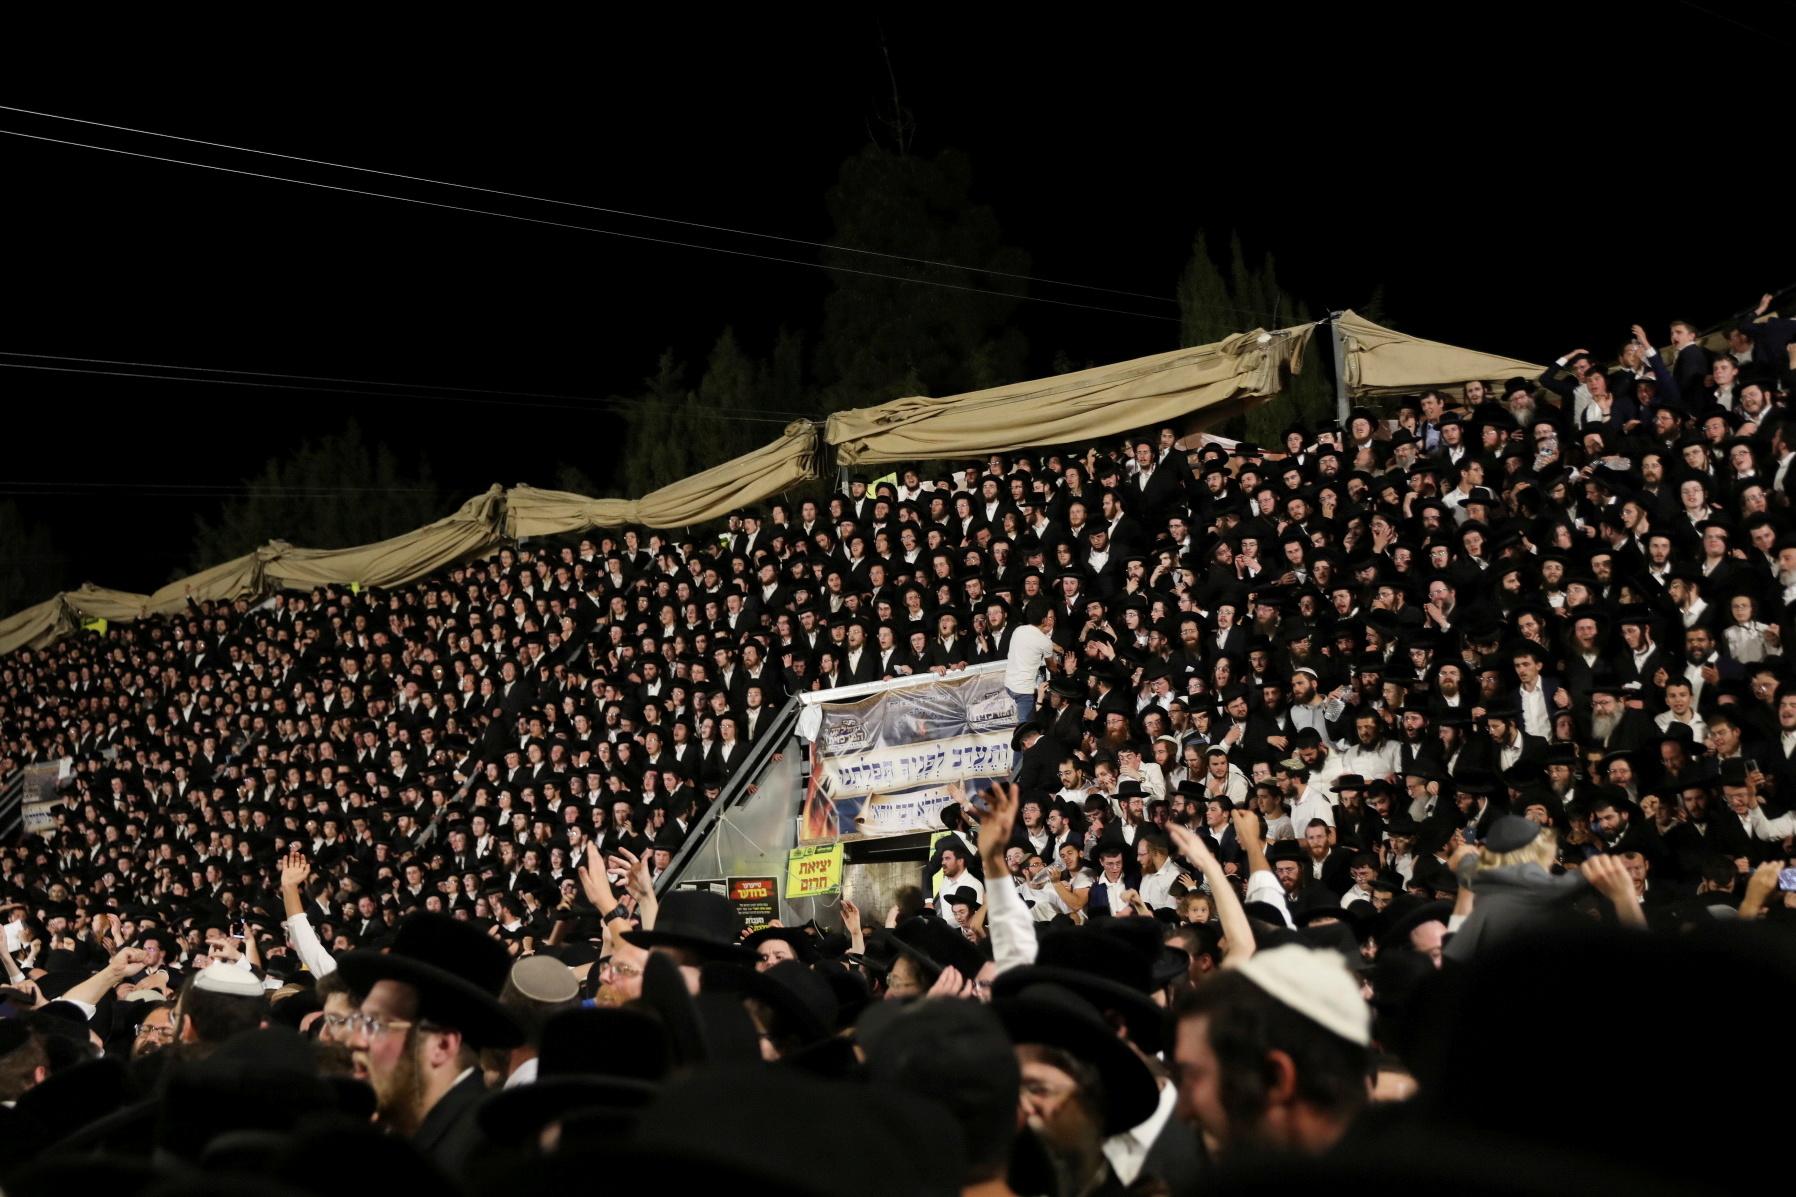 Fidels jueus canten i ballen en la celebració de Lag B'Omer a Mont Meron, al nord d'Israel, ahir / ACN